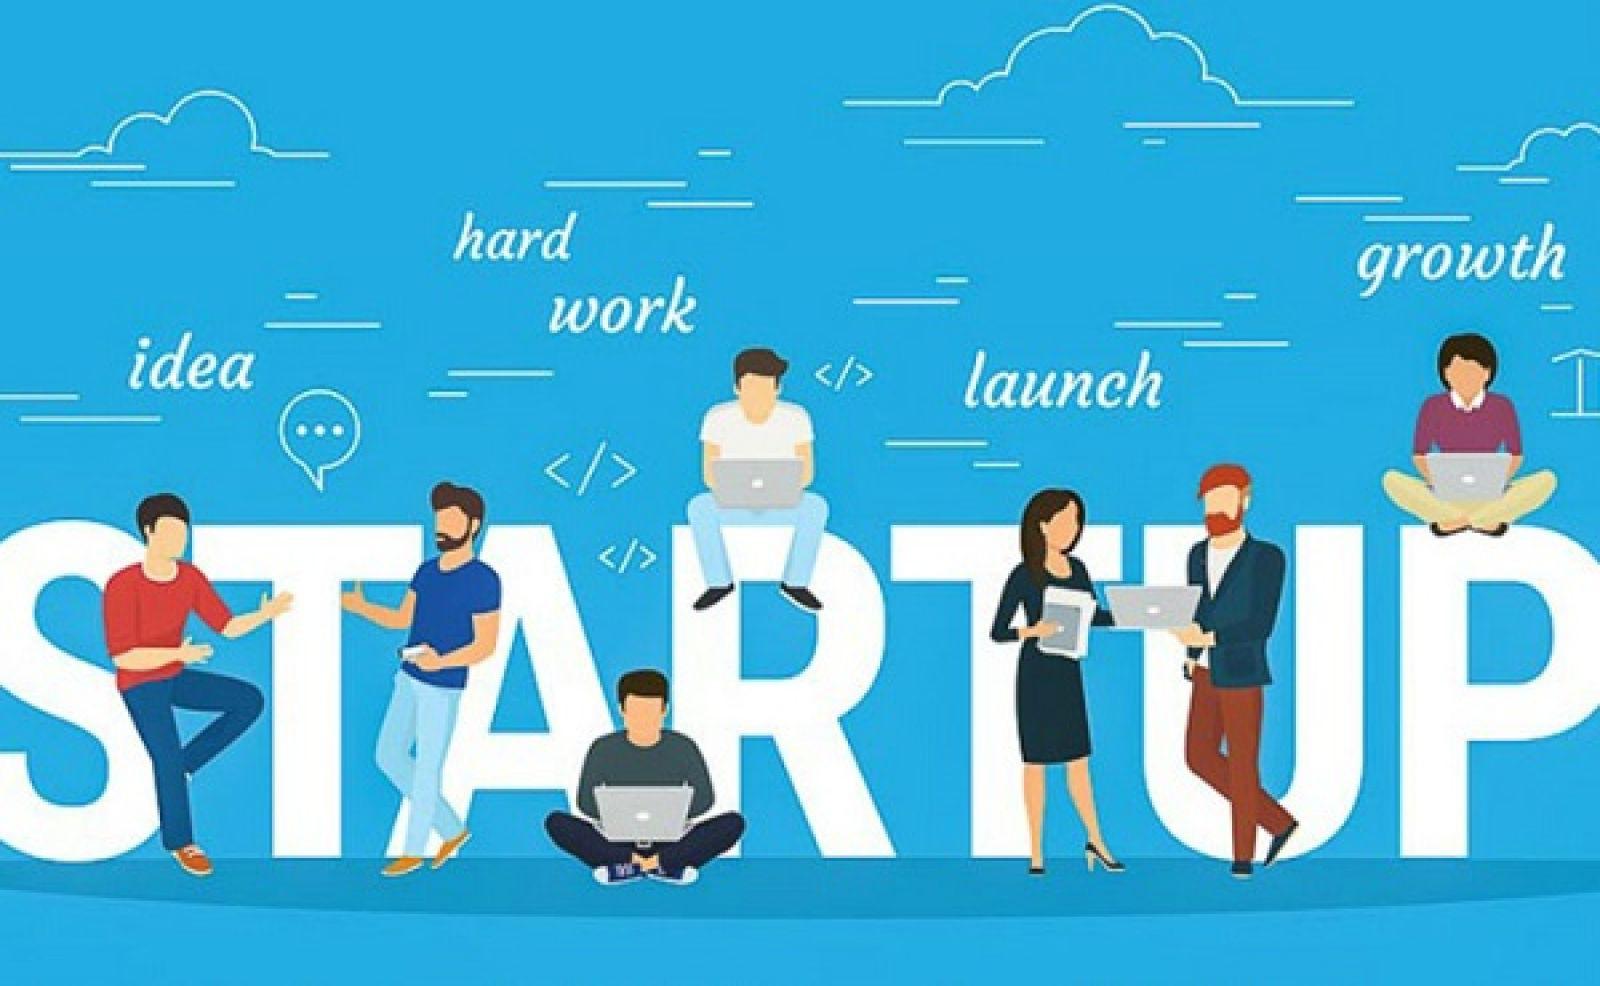 10 bước để bắt đầu khởi nghiệp nhanh giàu nhất